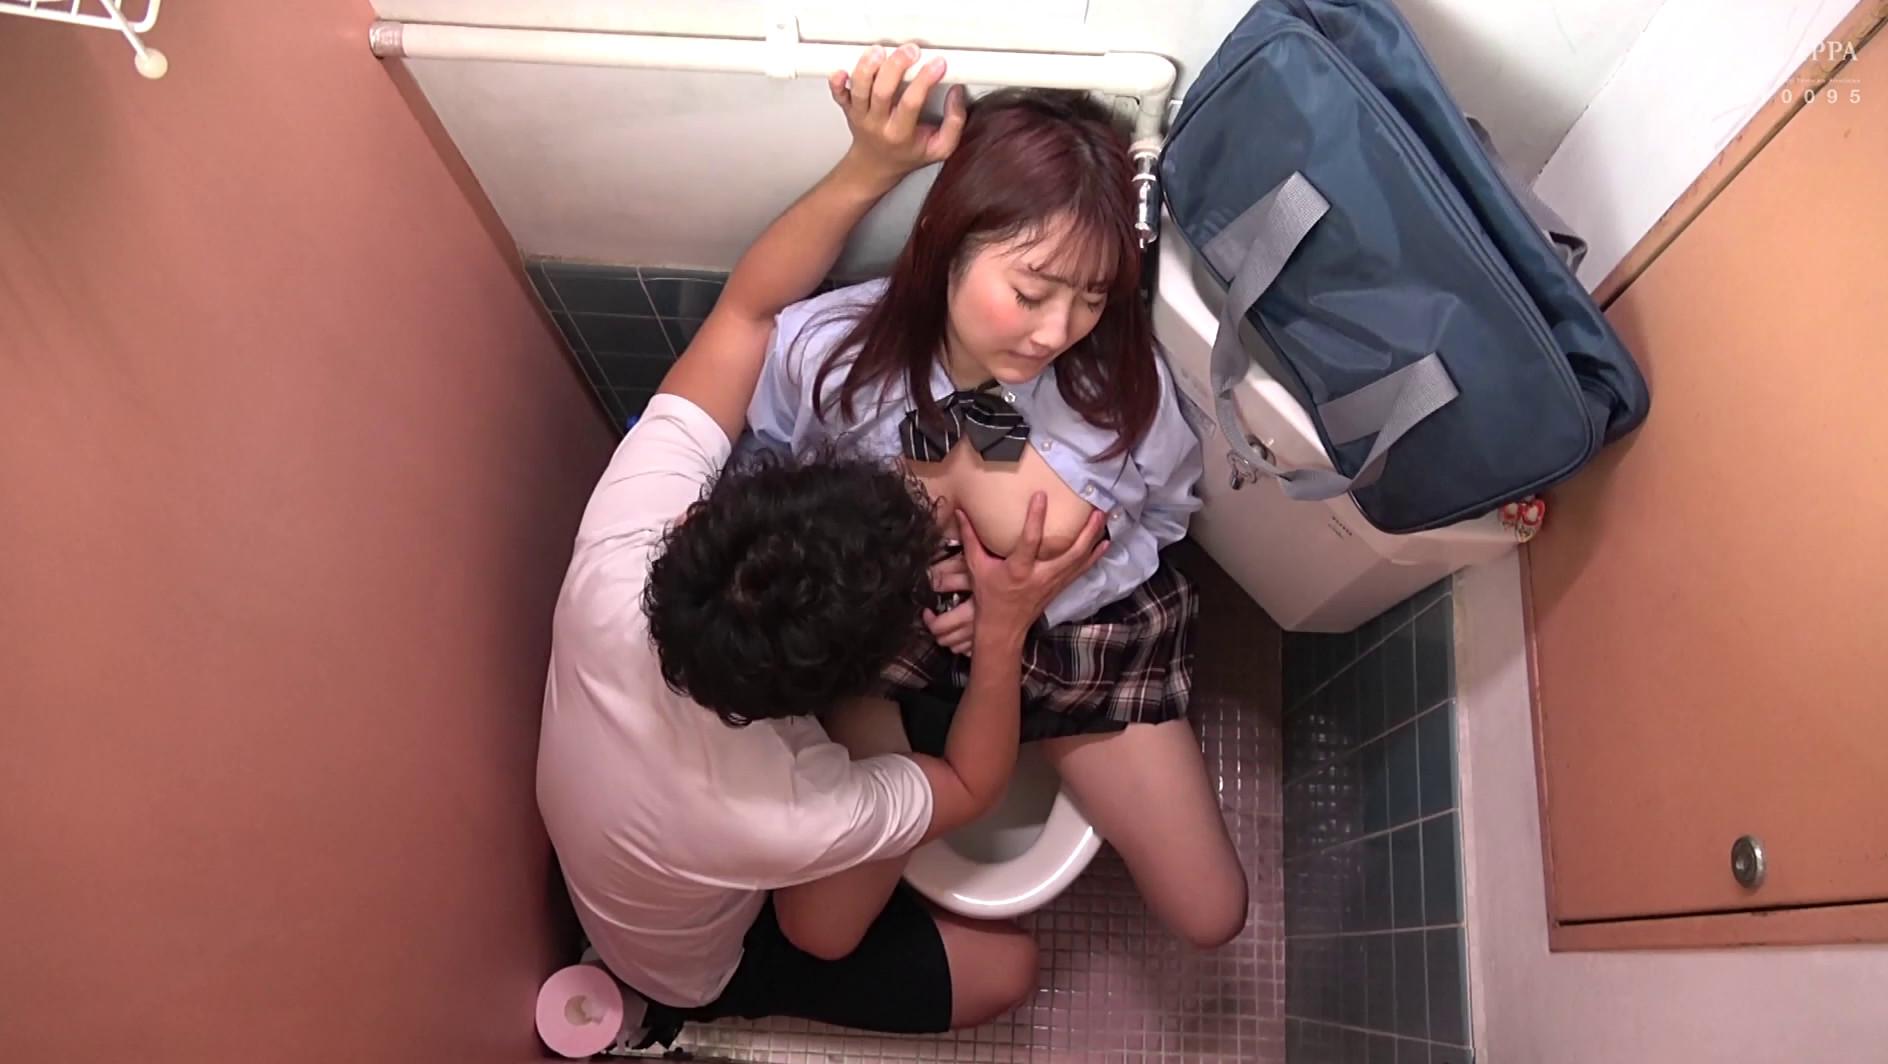 女子○生 トイレSEX盗撮 187分,のサンプル画像15